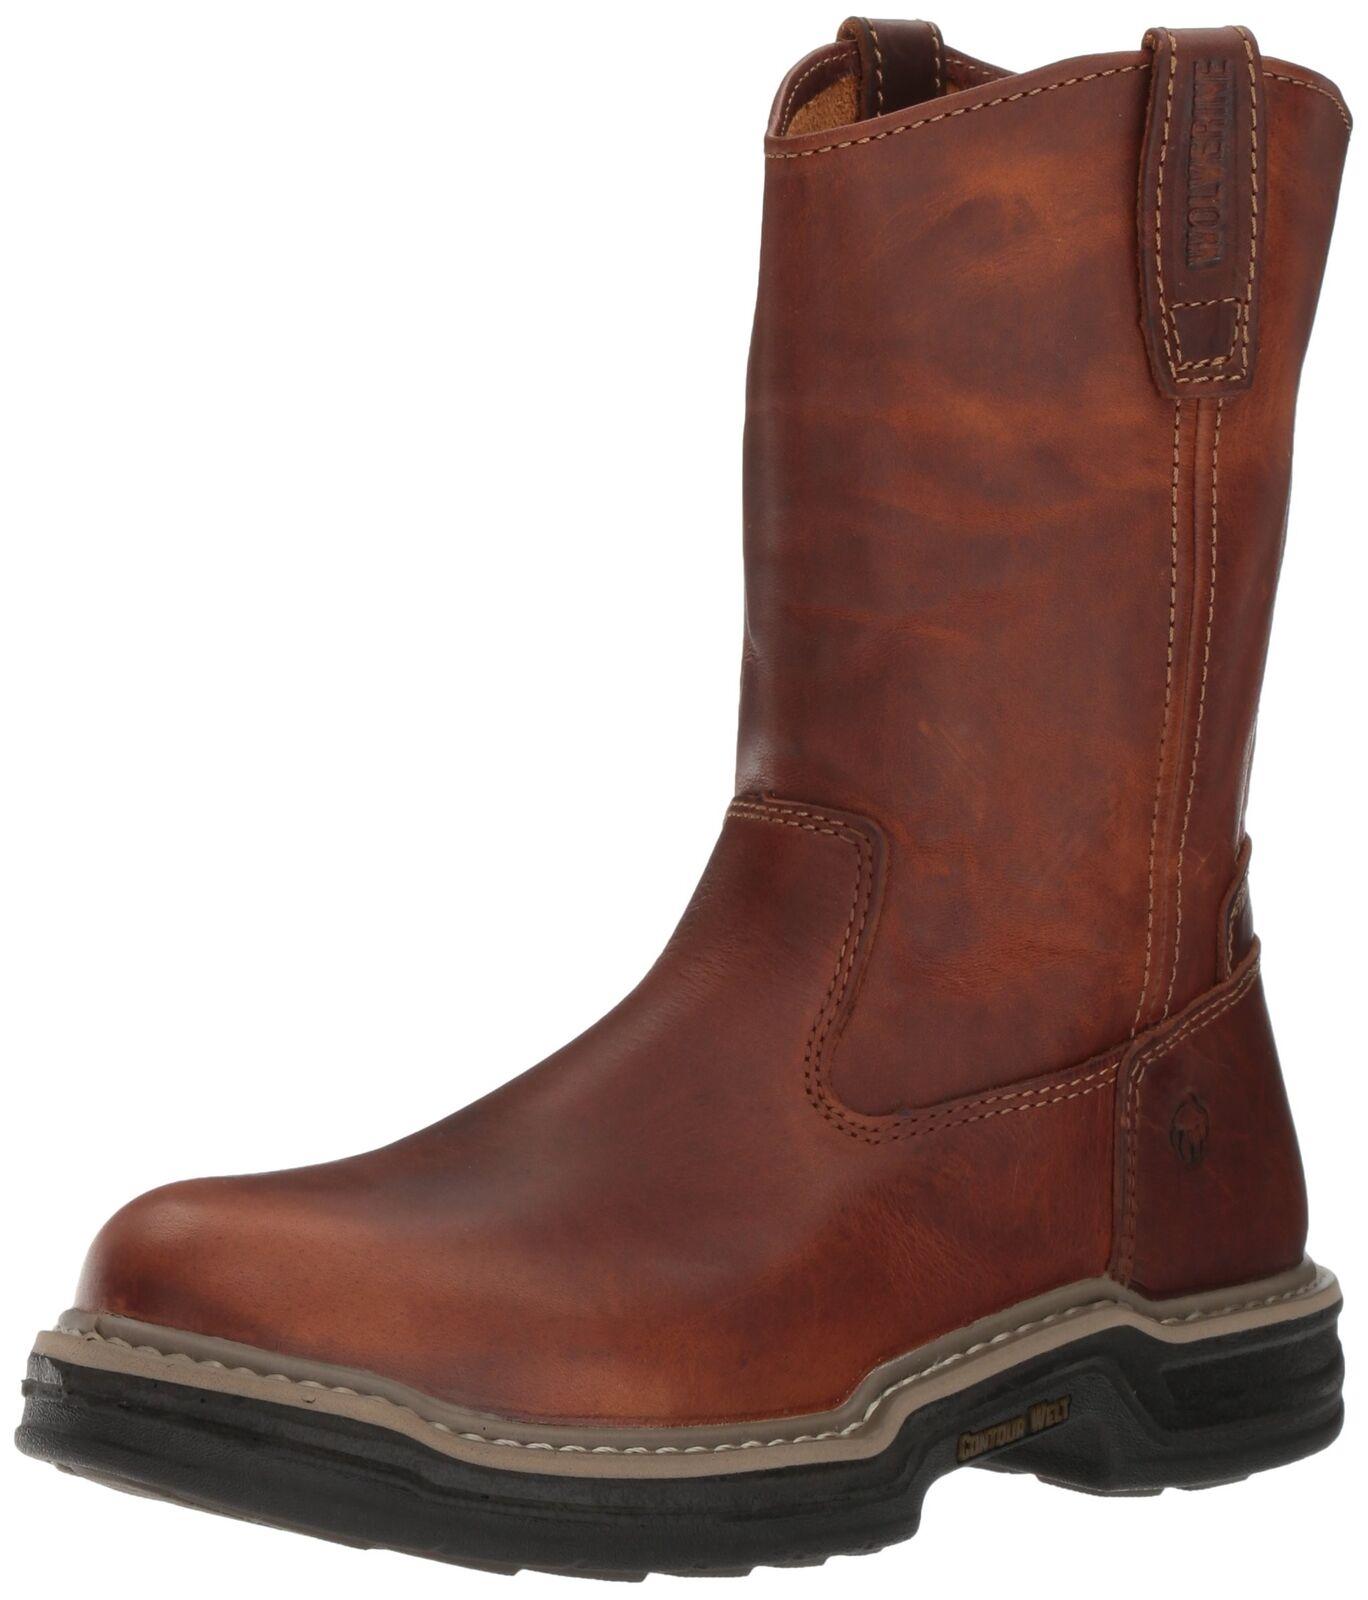 Wolverine Men's W02429 Raider Boot Brown 10 D(M) US